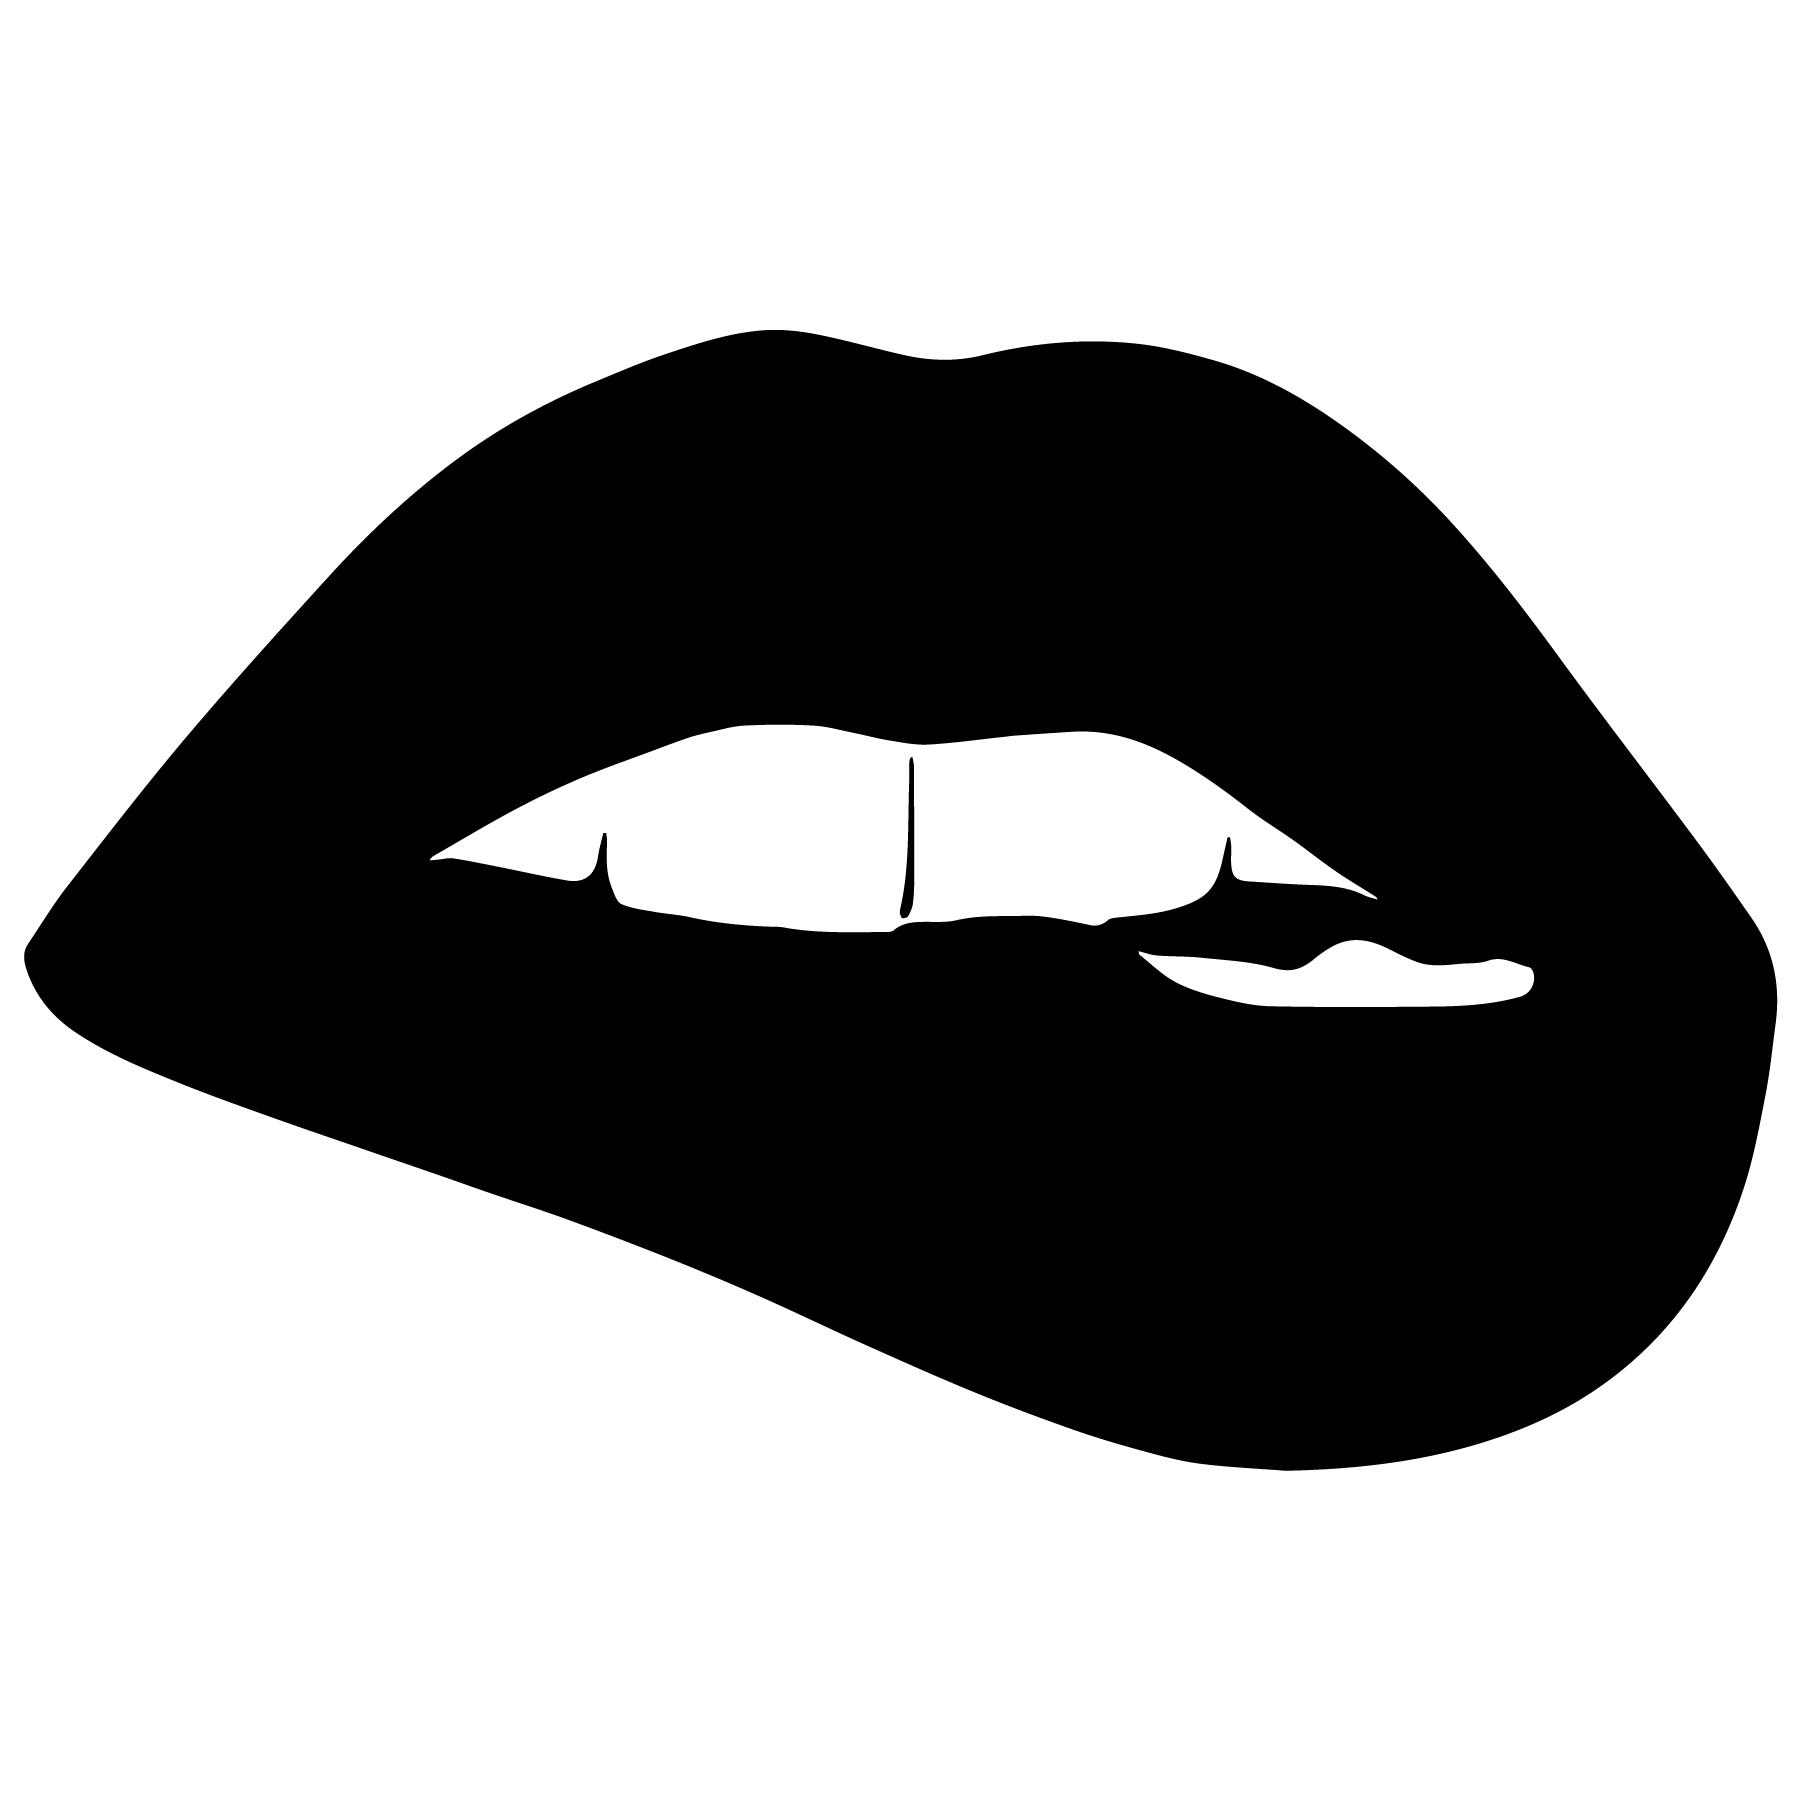 Lip Biting Vector - Download Free Vectors, Clipart Graphics  Vector Art-7192